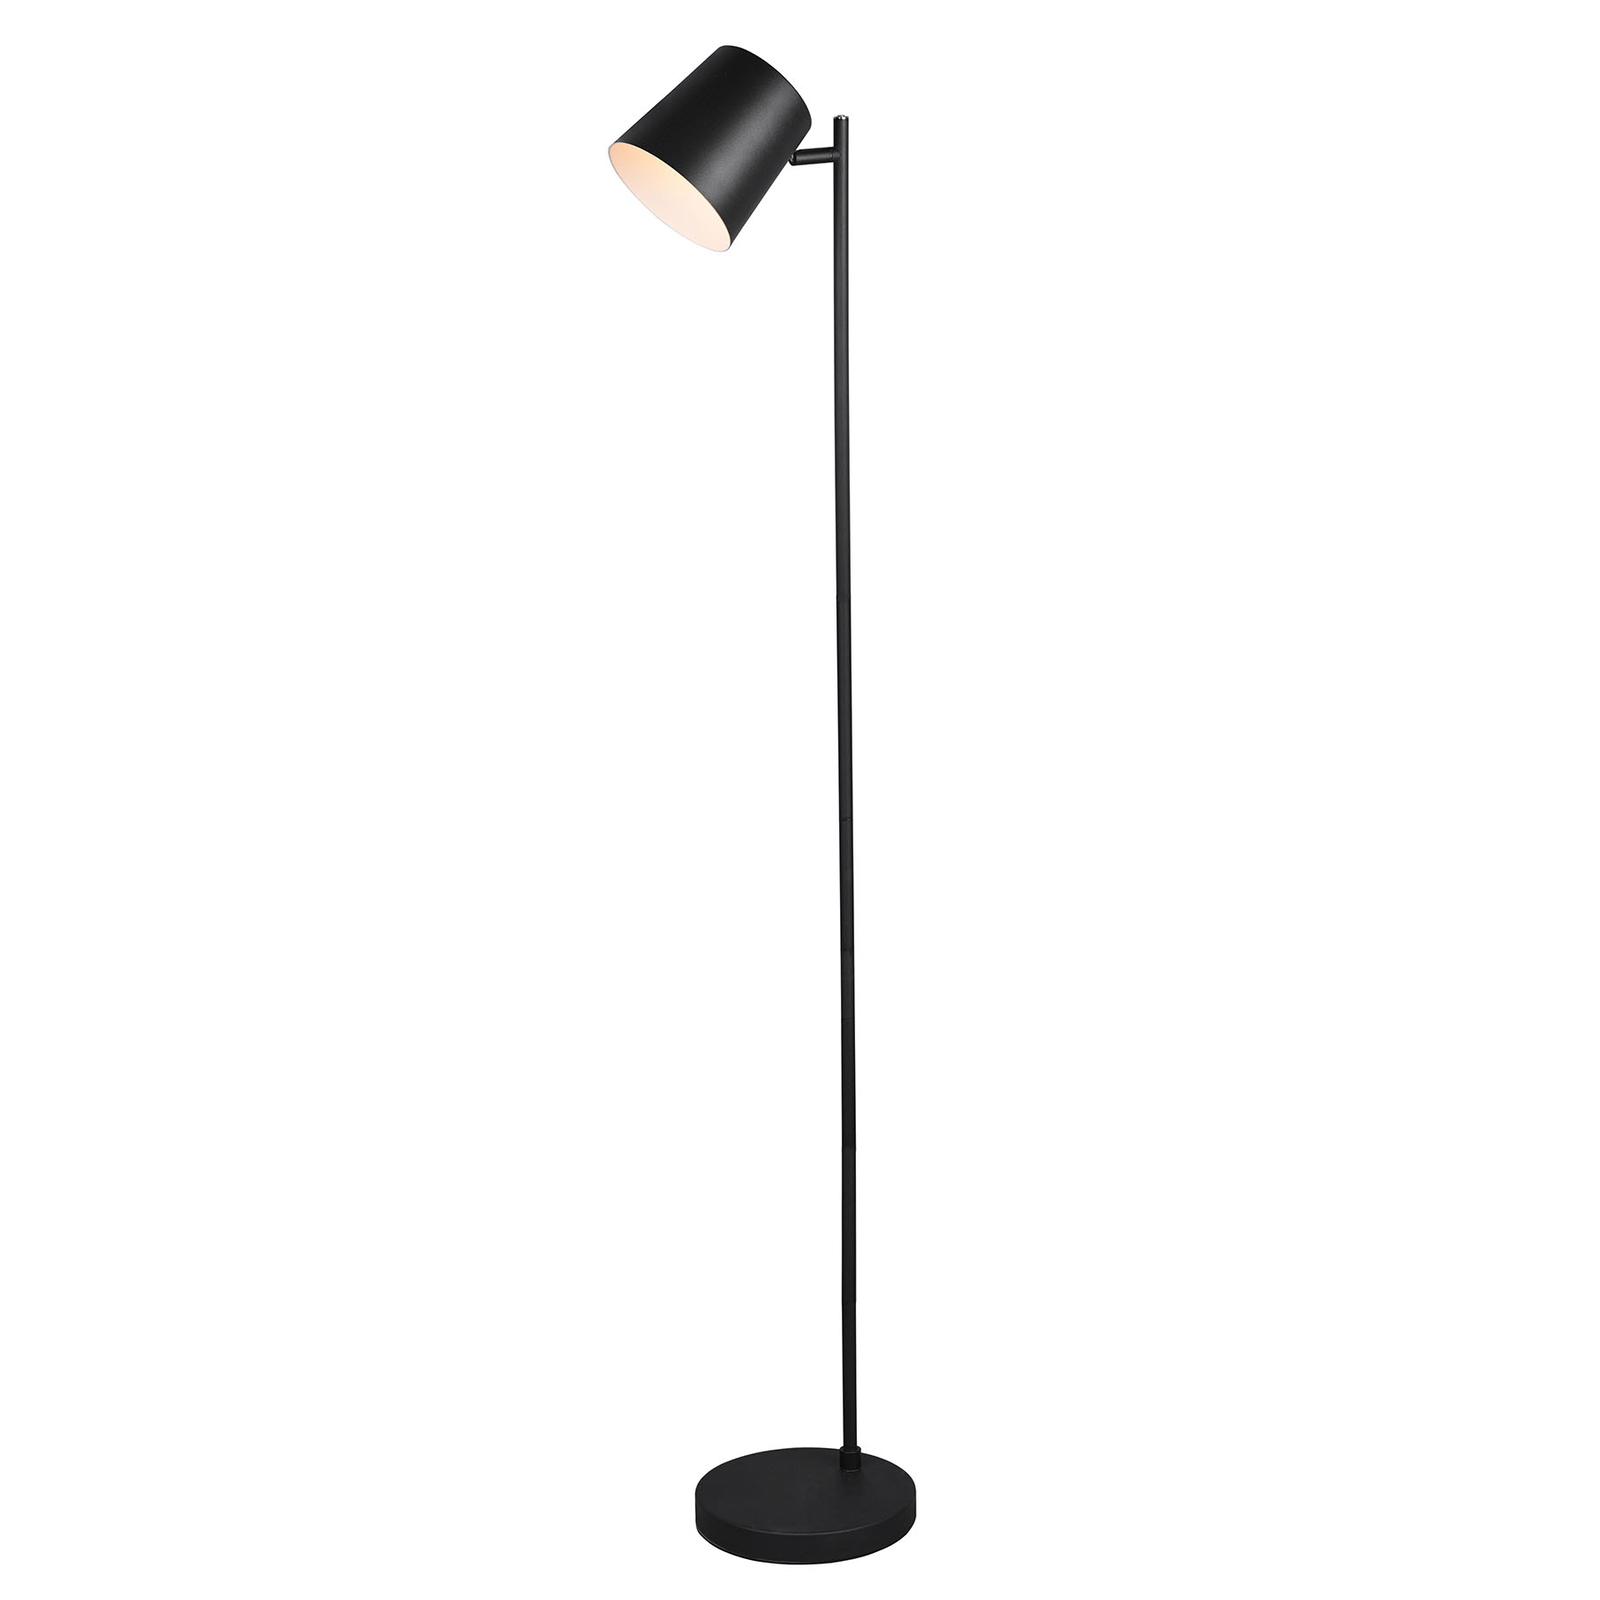 Lampadaire LED Blake avec batterie, dimmable, noir